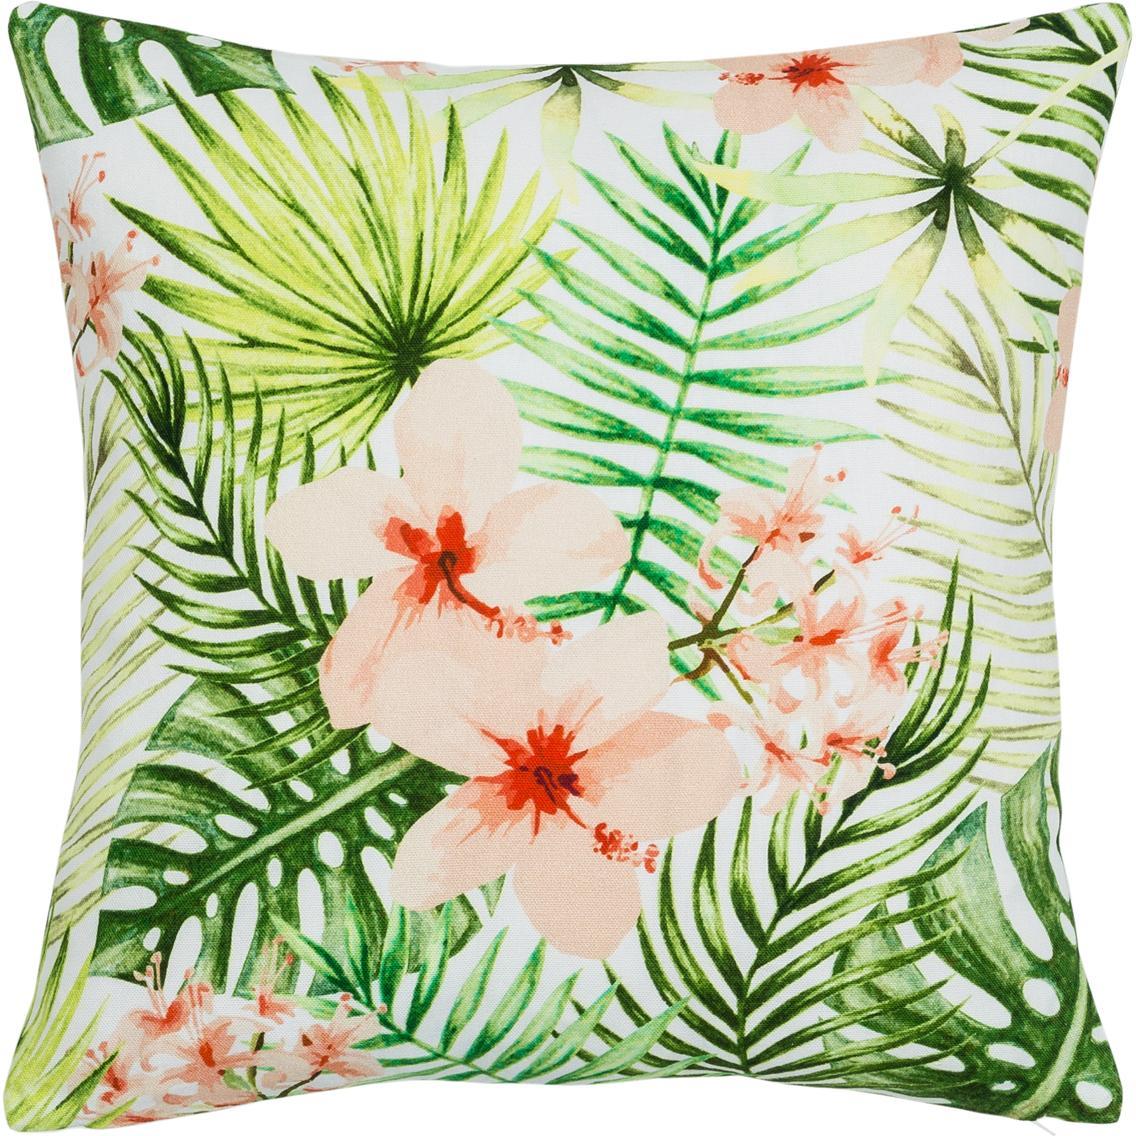 Poszewka na poduszkę Jula, 100% bawełna, Wielobarwny, S 40 x D 40 cm